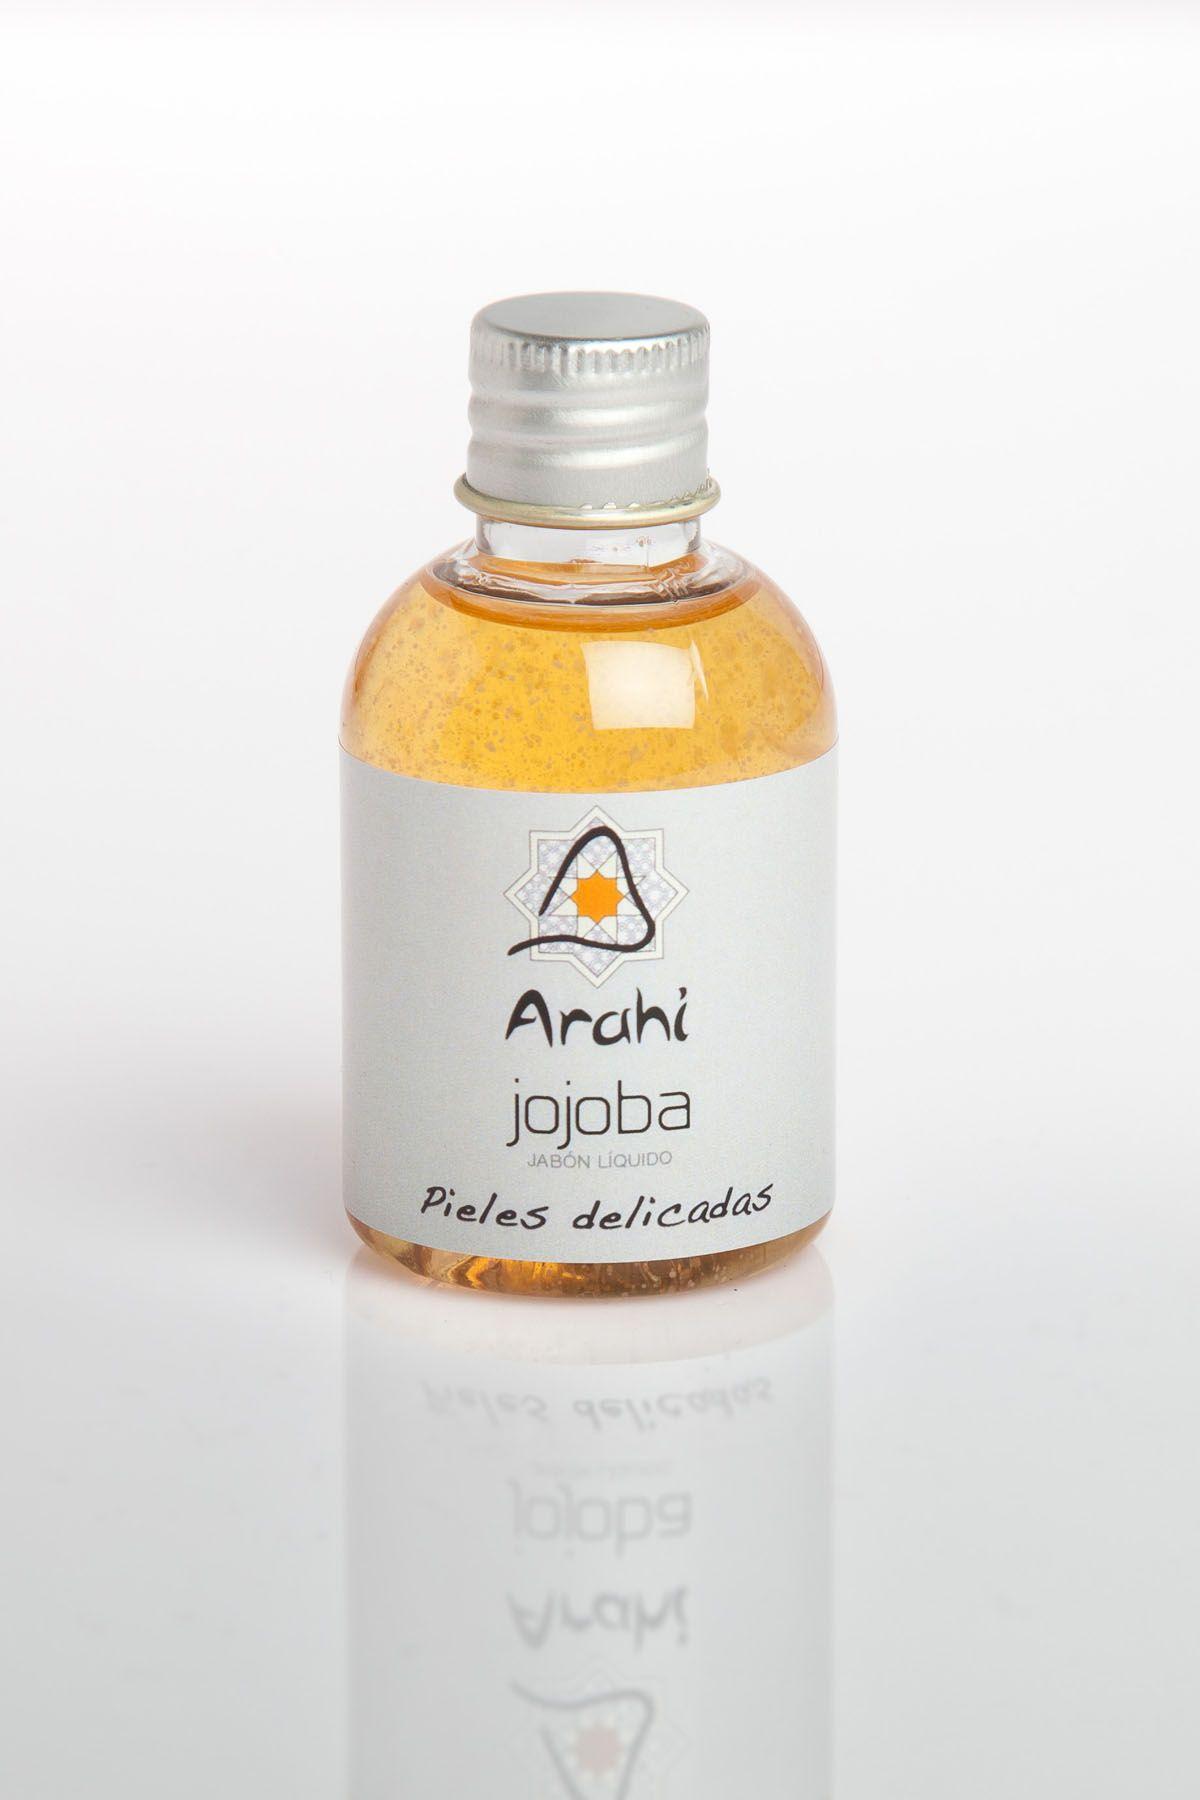 Minipets jabón líquido de aceite de oliva con jojoba: Productos de Arahí